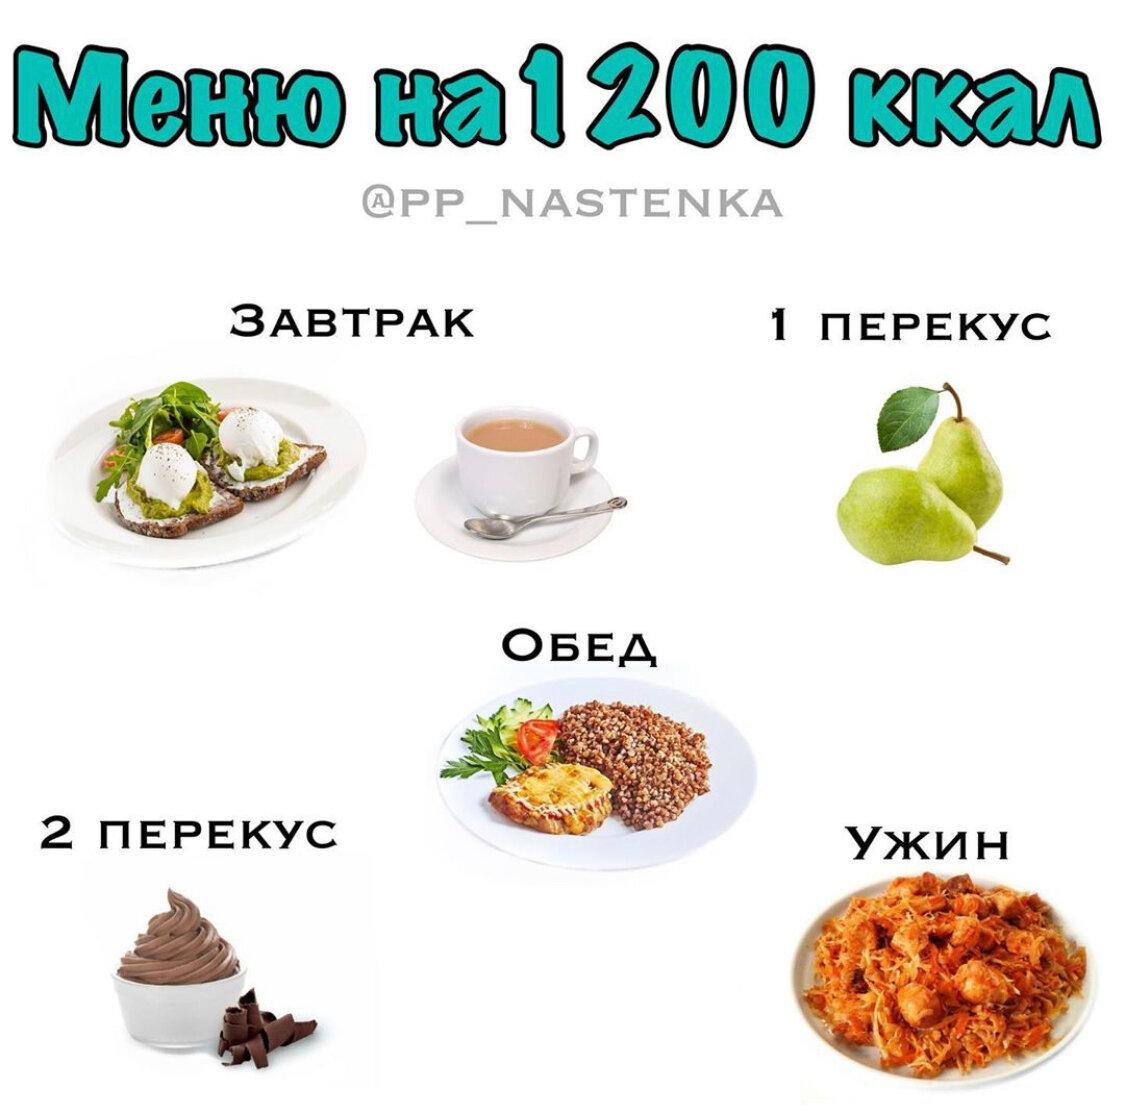 100 Рецепт Для Похудения.